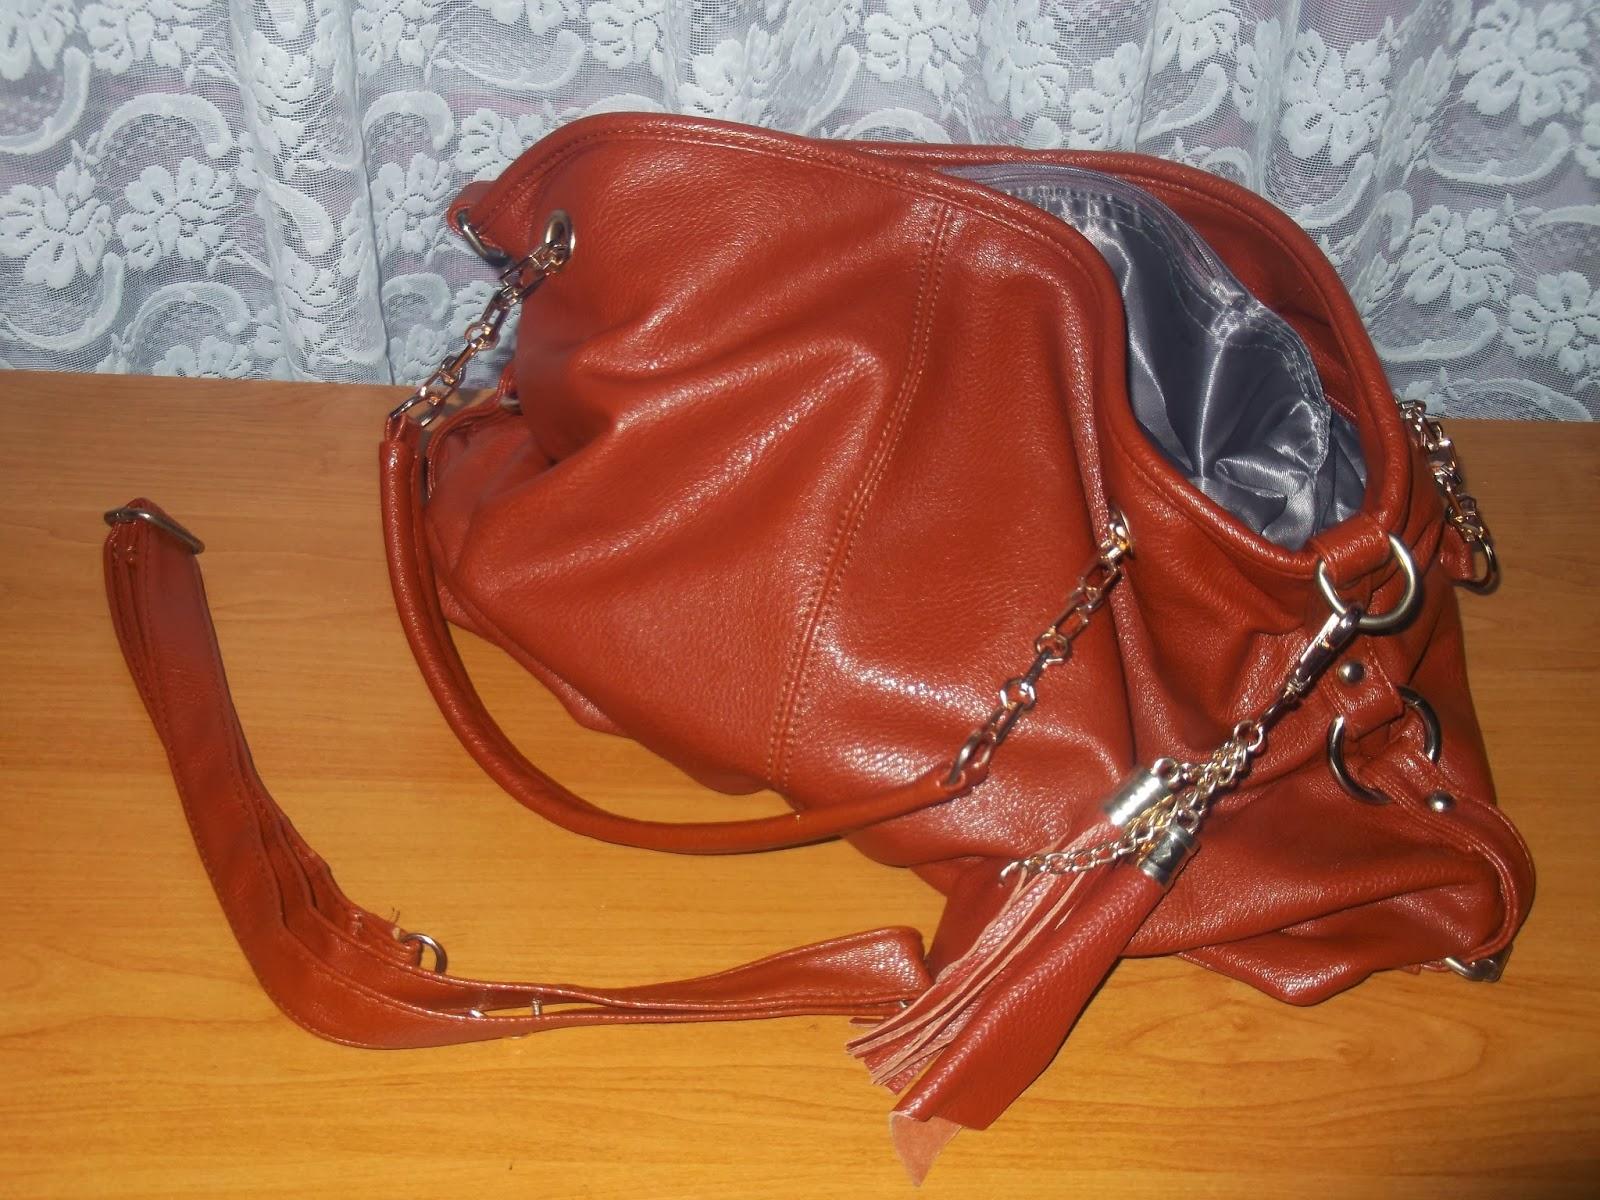 12d1162764f35 Dodatkowo dostajemy przypinany pasek choć mi wystarczają krótsze rączki  torebki